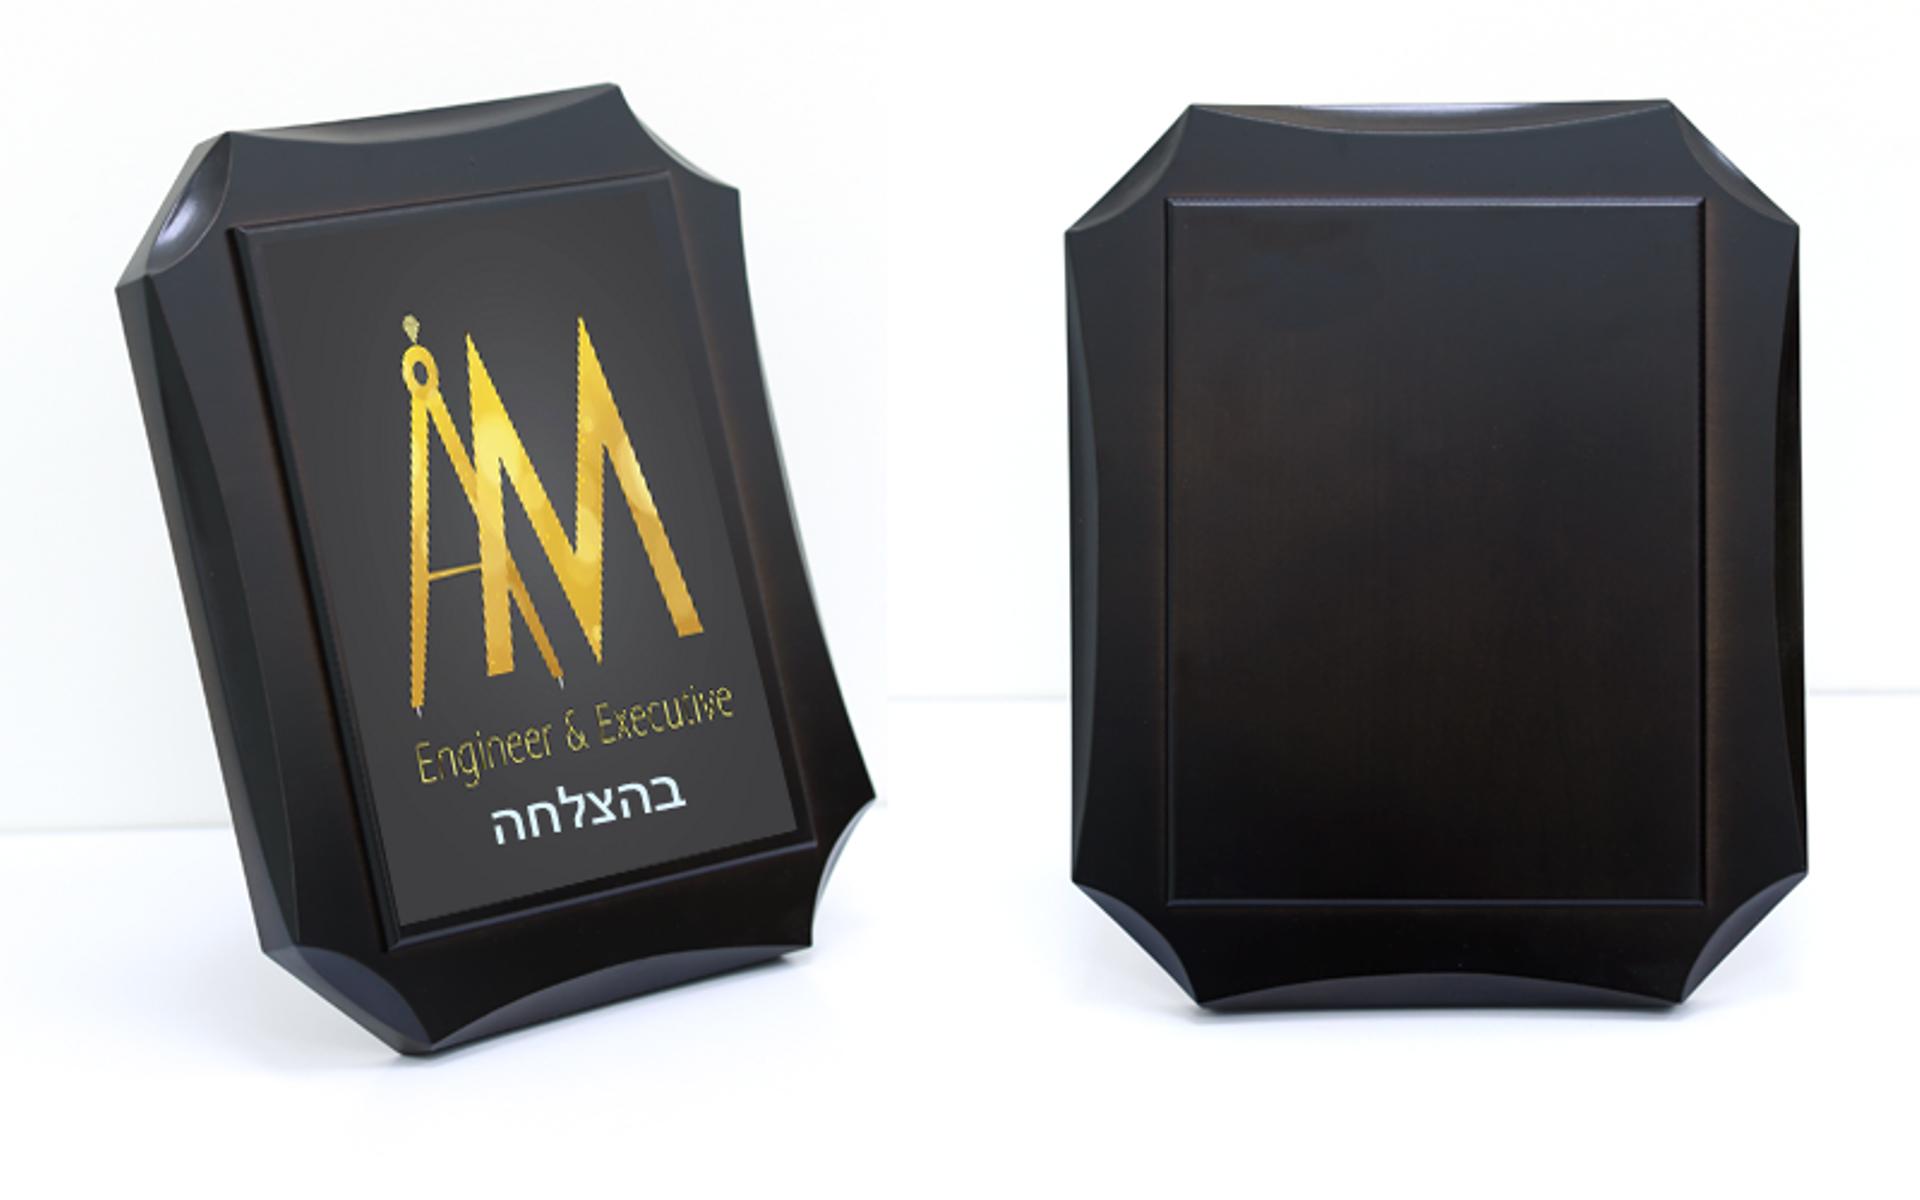 מגן הוקרה מעוצב מעץ איכותי ביותר עם לשולחן אן לתלייה דגם 444..